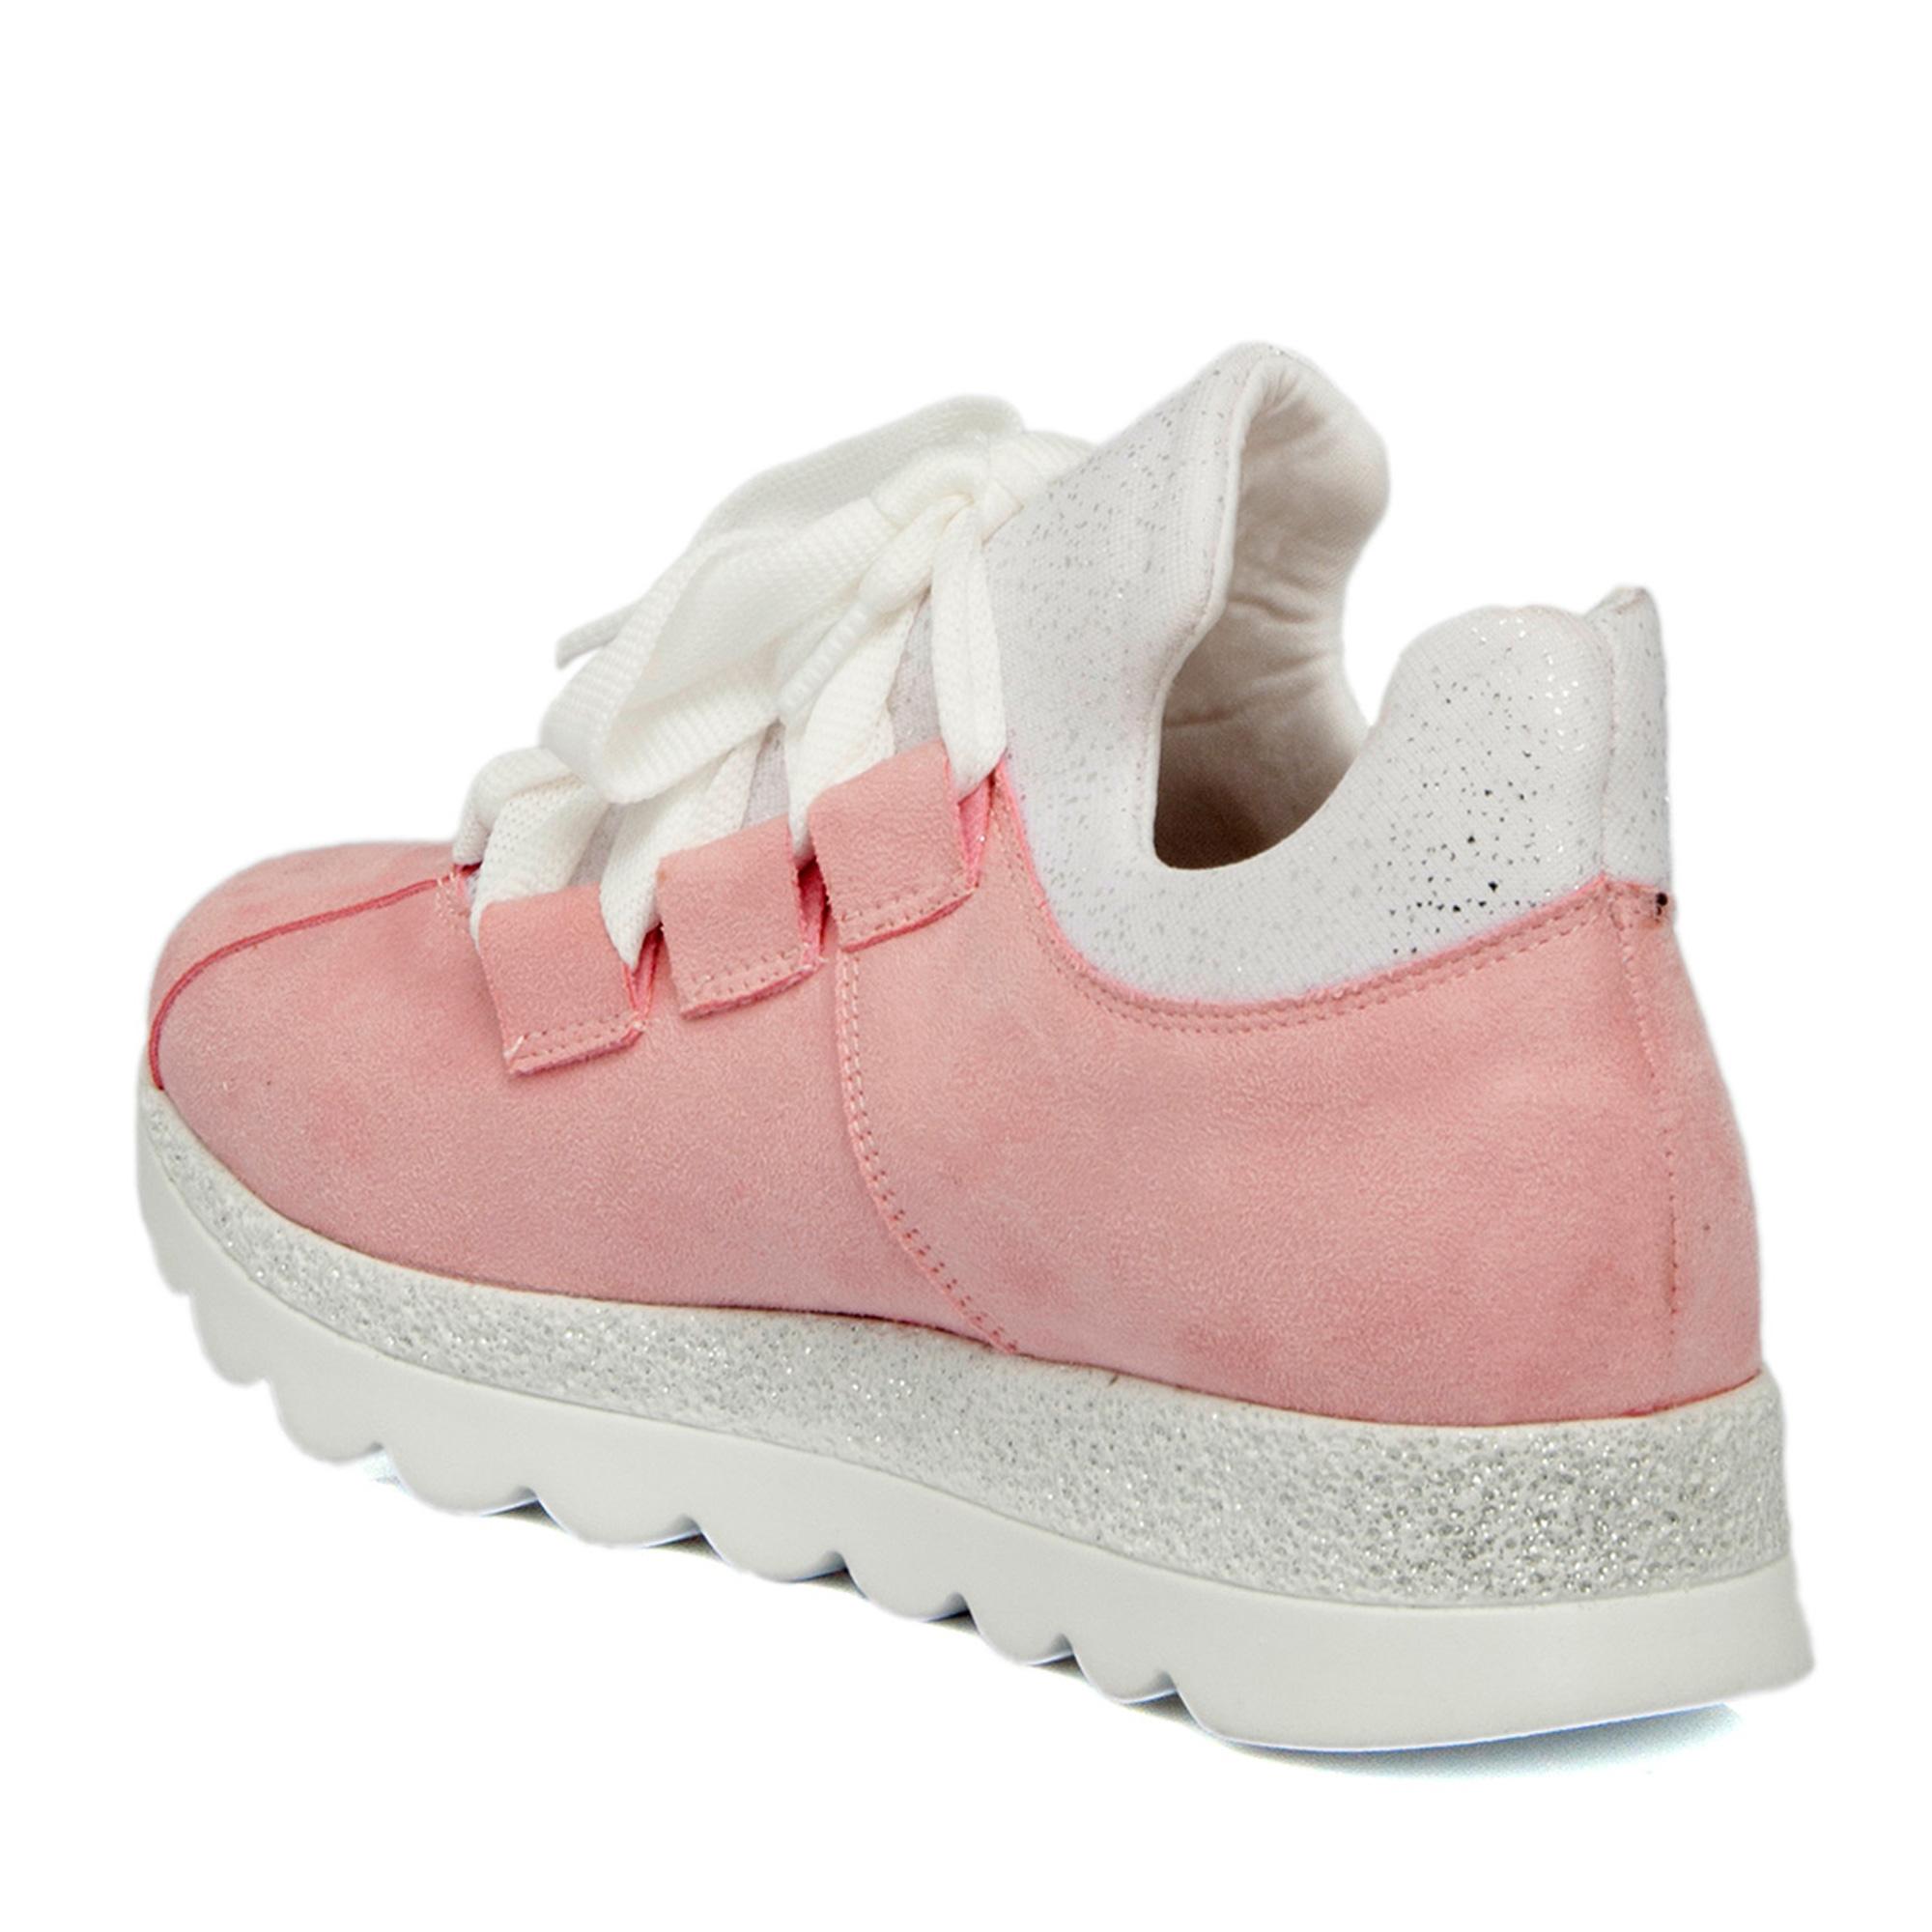 Pudra Vegan Kadın Ayakkabı 64516C63